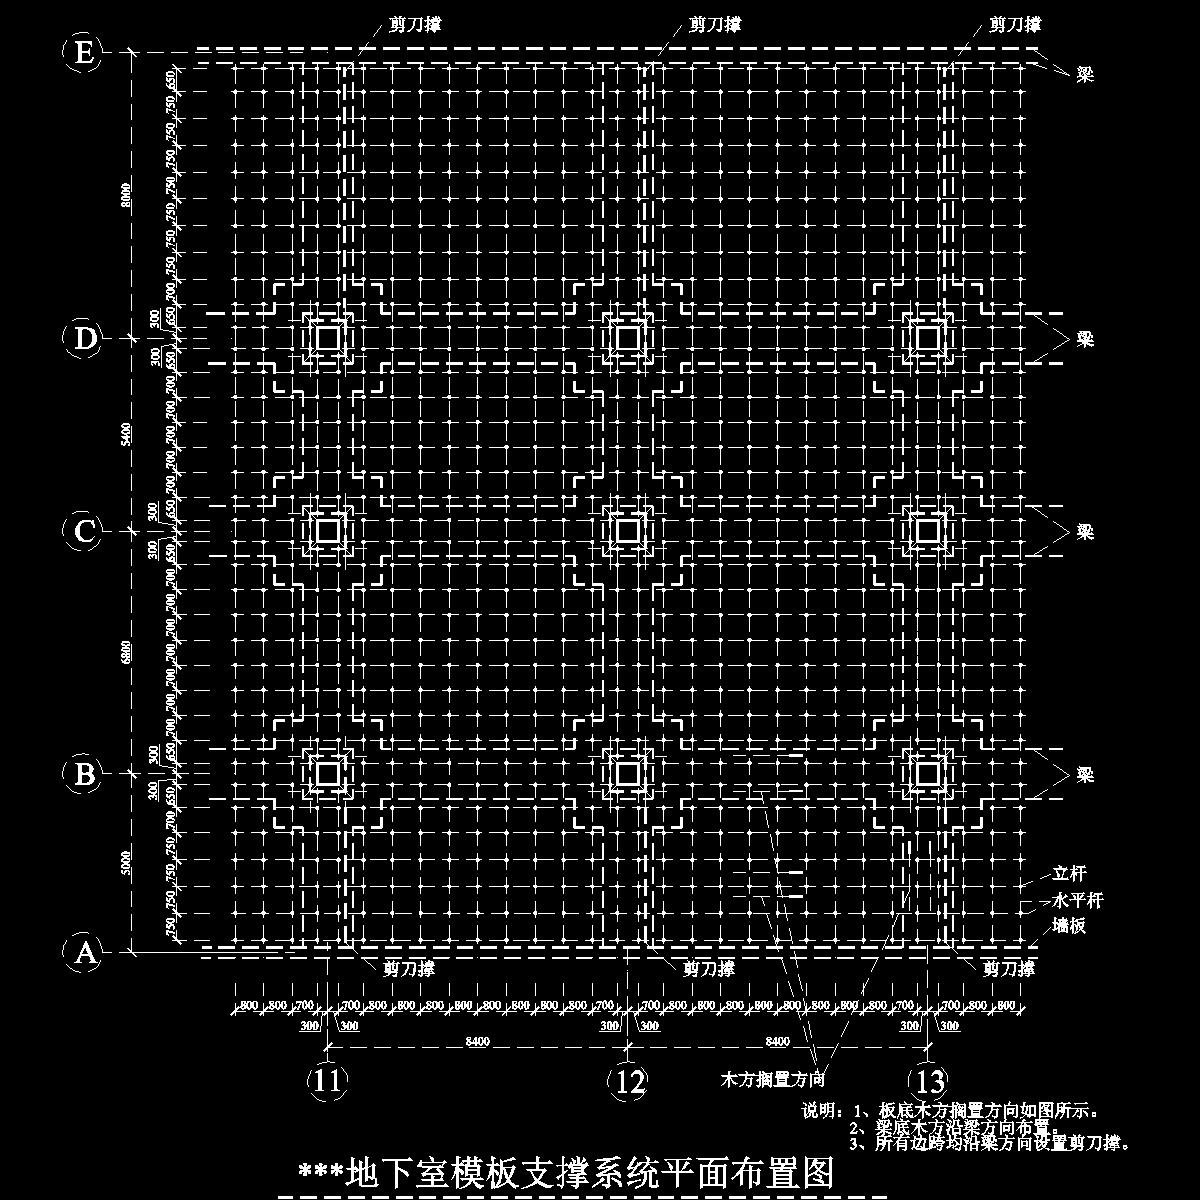 地下室立杆平面布置图.dwg